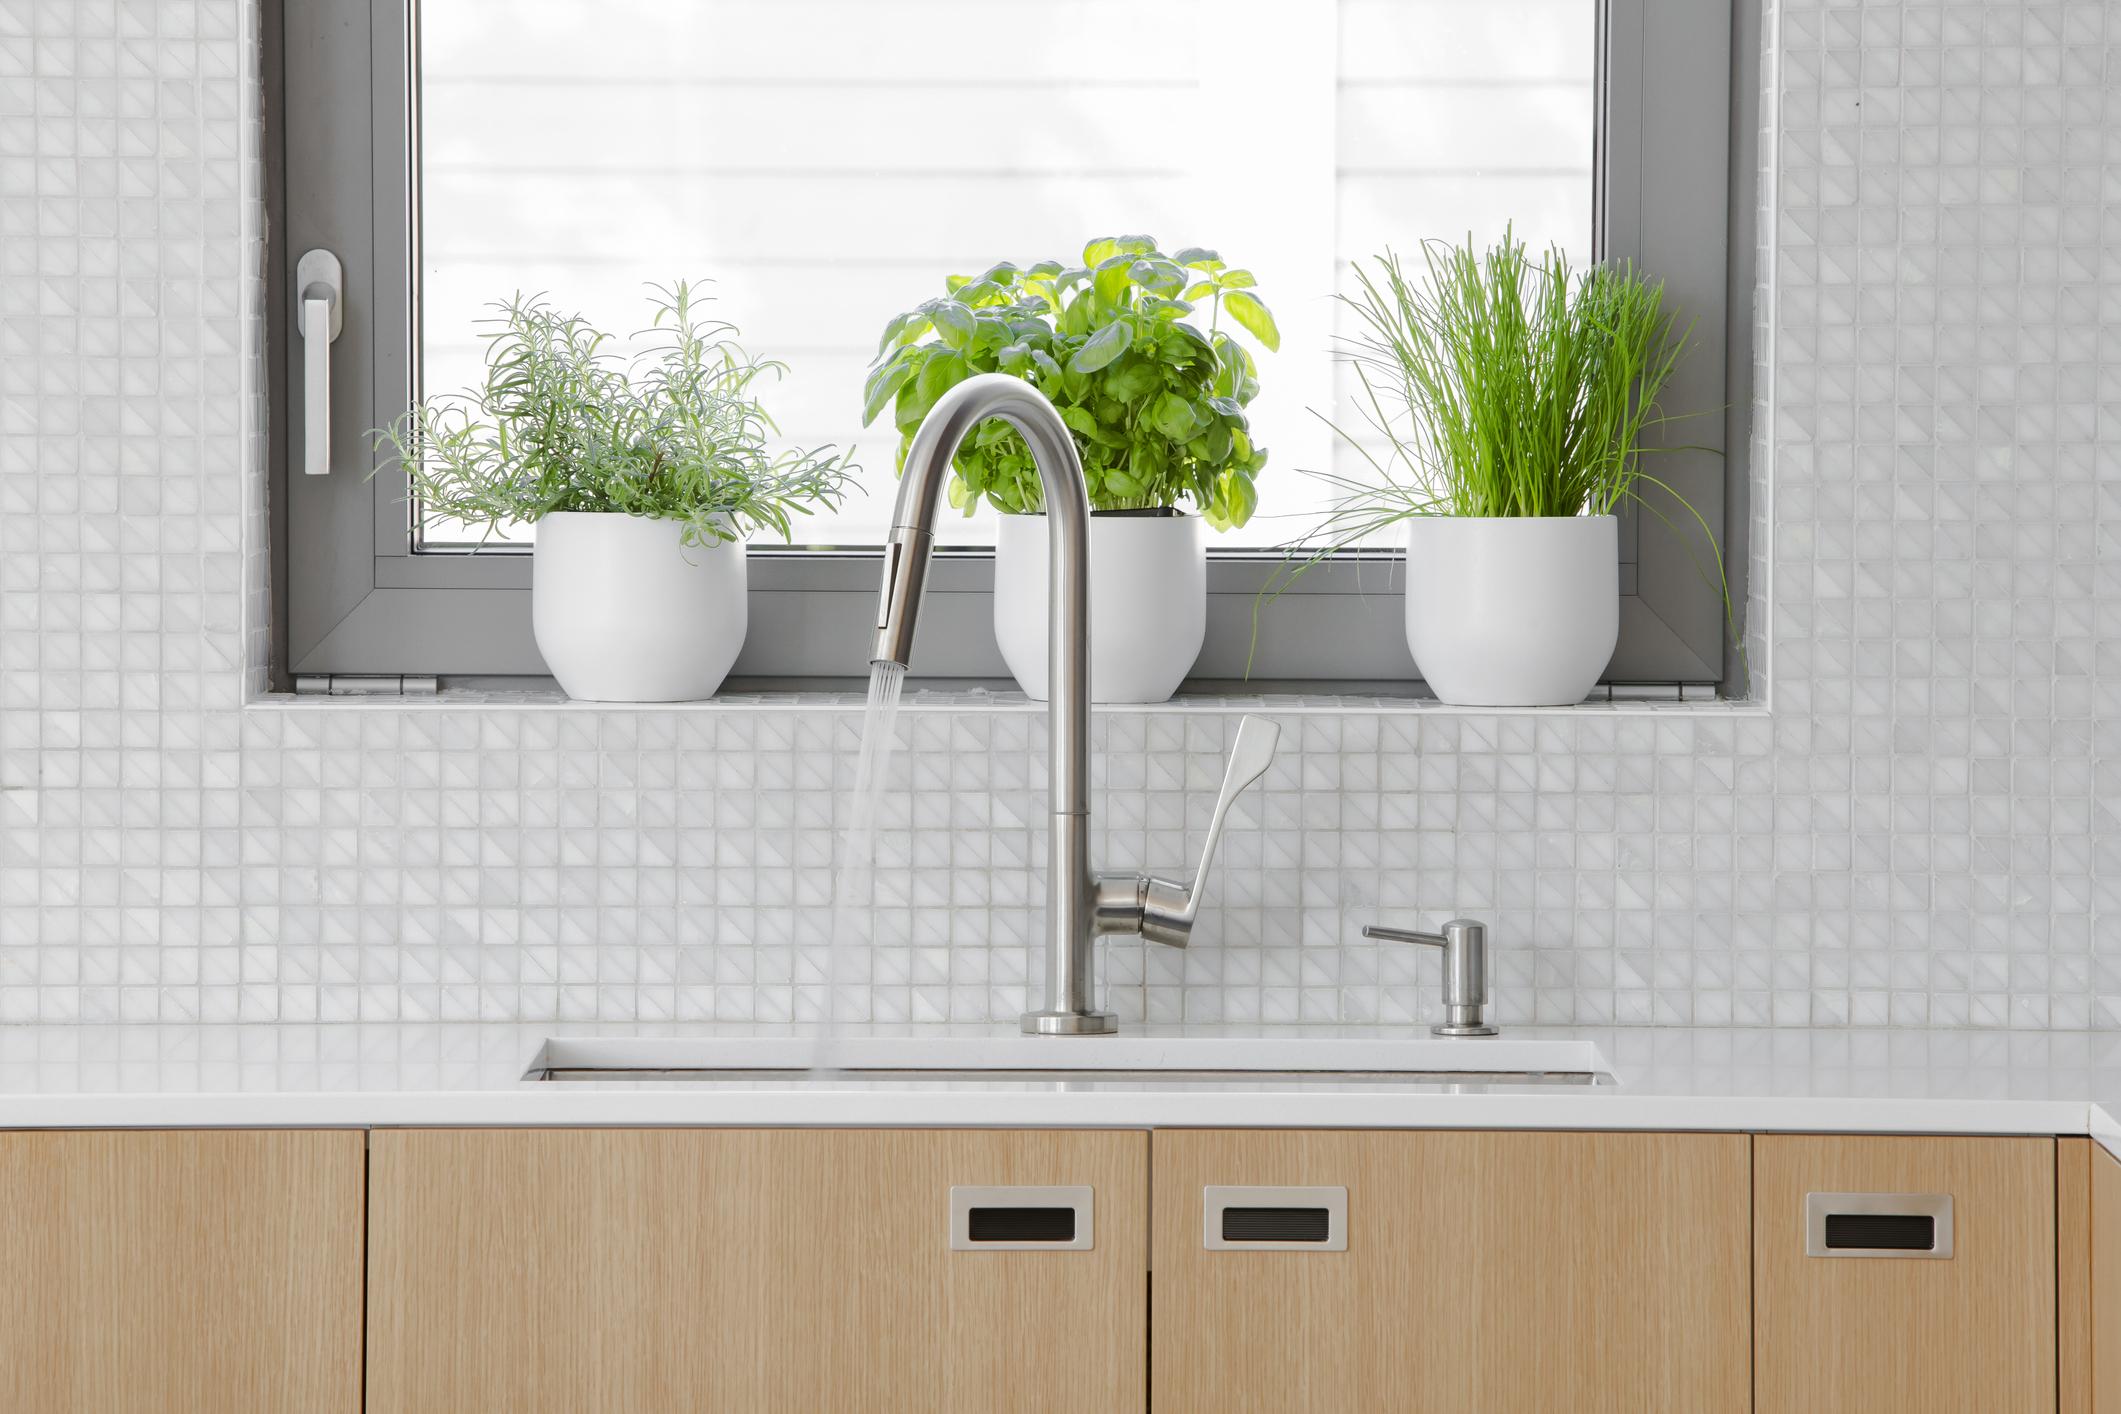 KitchenNewHome.jpg